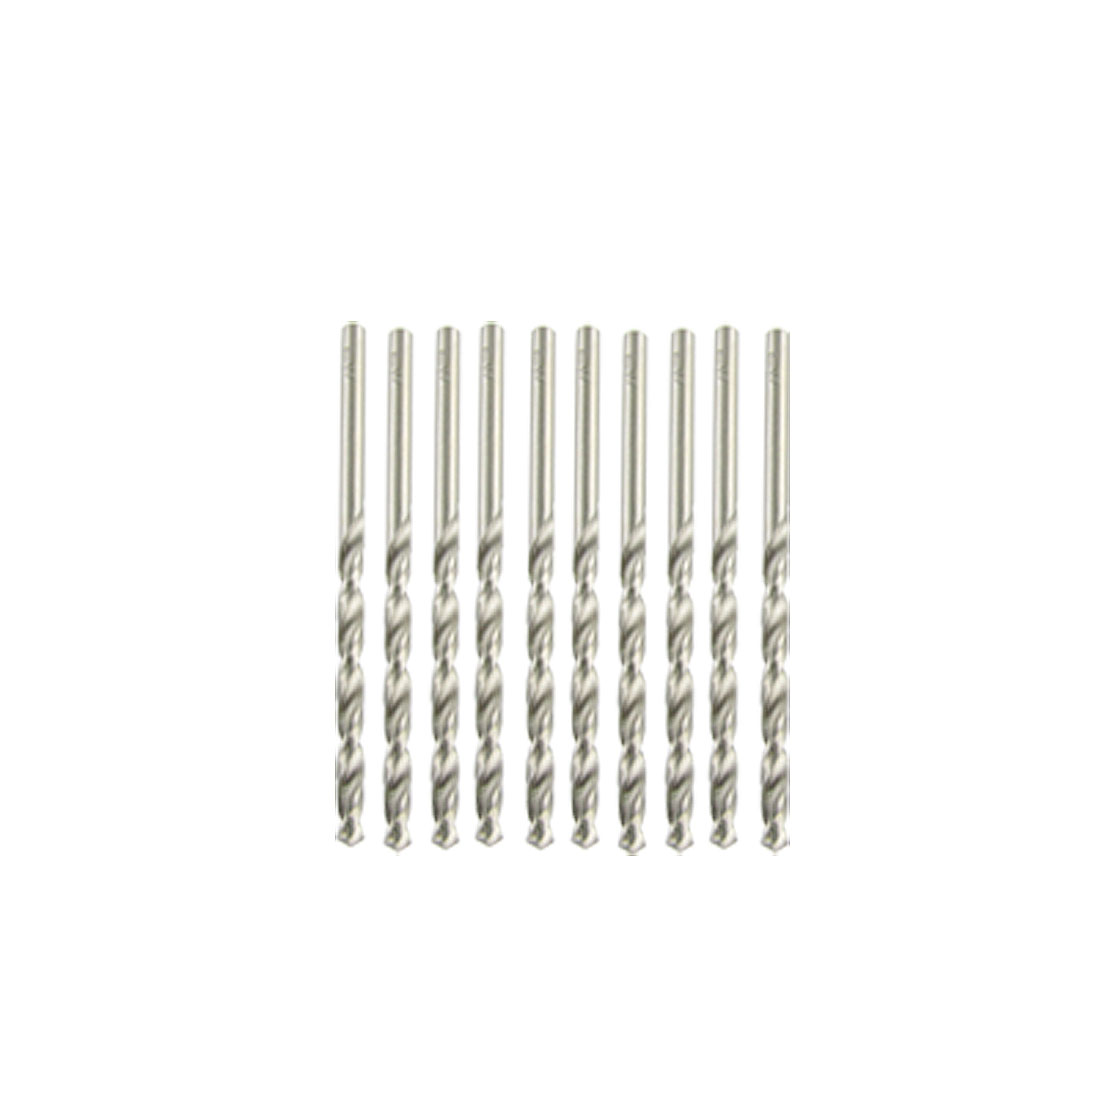 3.3mm Diameter Metal Drill Tip Straight Shank Twist Bits